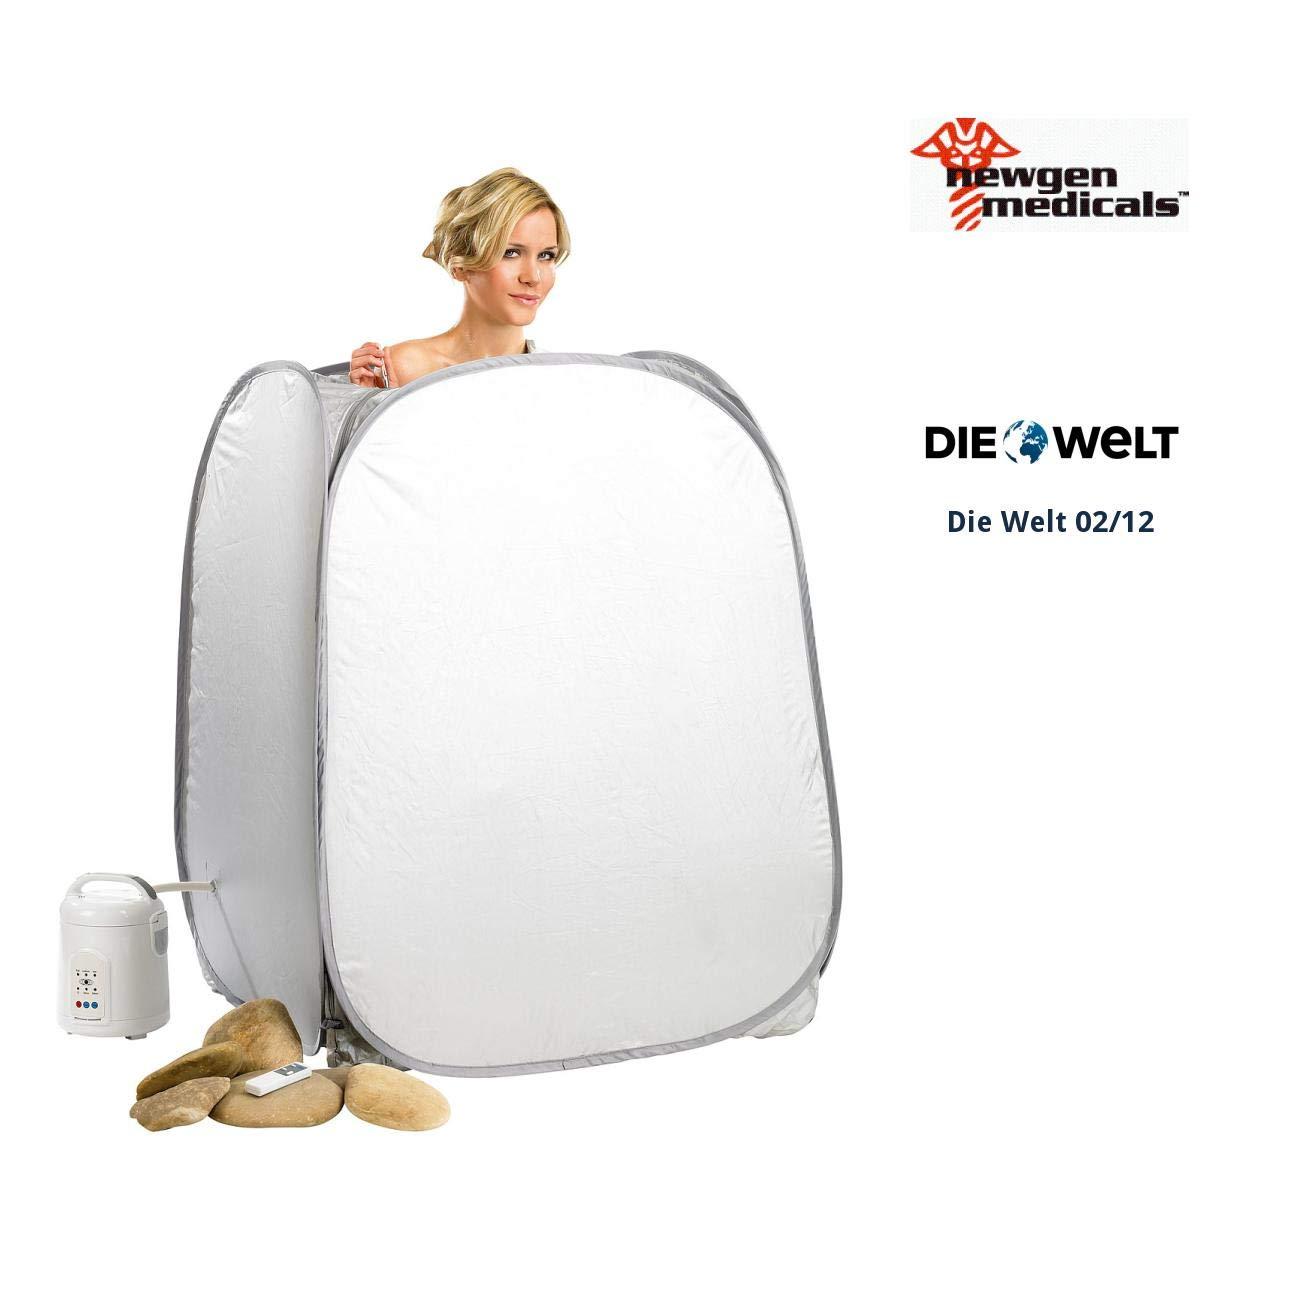 Newgen Medicals Aufblasbare Sauna Portables Heim Dampfbad Und Prime Genset Pr1200cl 850watt Mit 850 W Generator Dampfsauna Baumarkt